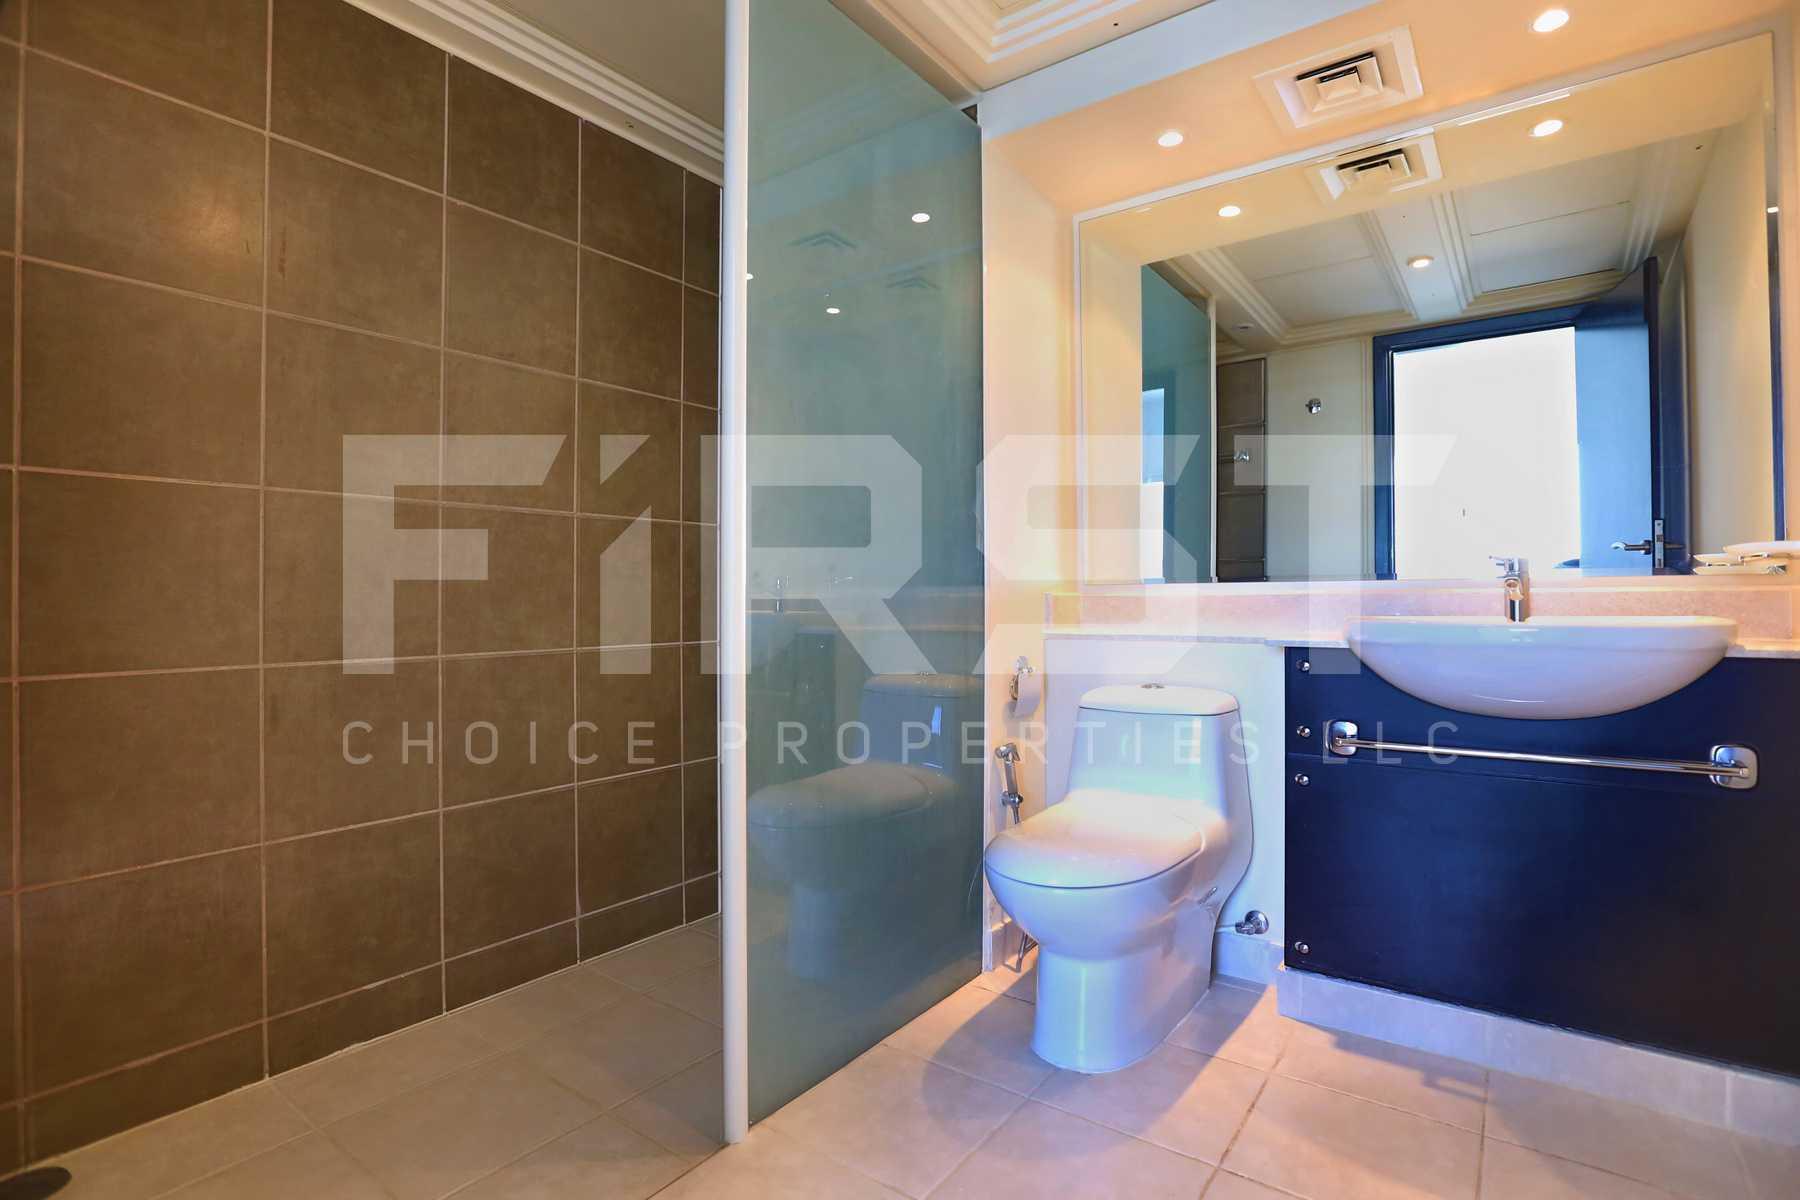 7. Internal Photo of 3 Bedroom Villa in Al Reef Villas Al Reef Abu Dhabi UAE 225.2 sq.m 2424 sq.ft (28).jpg